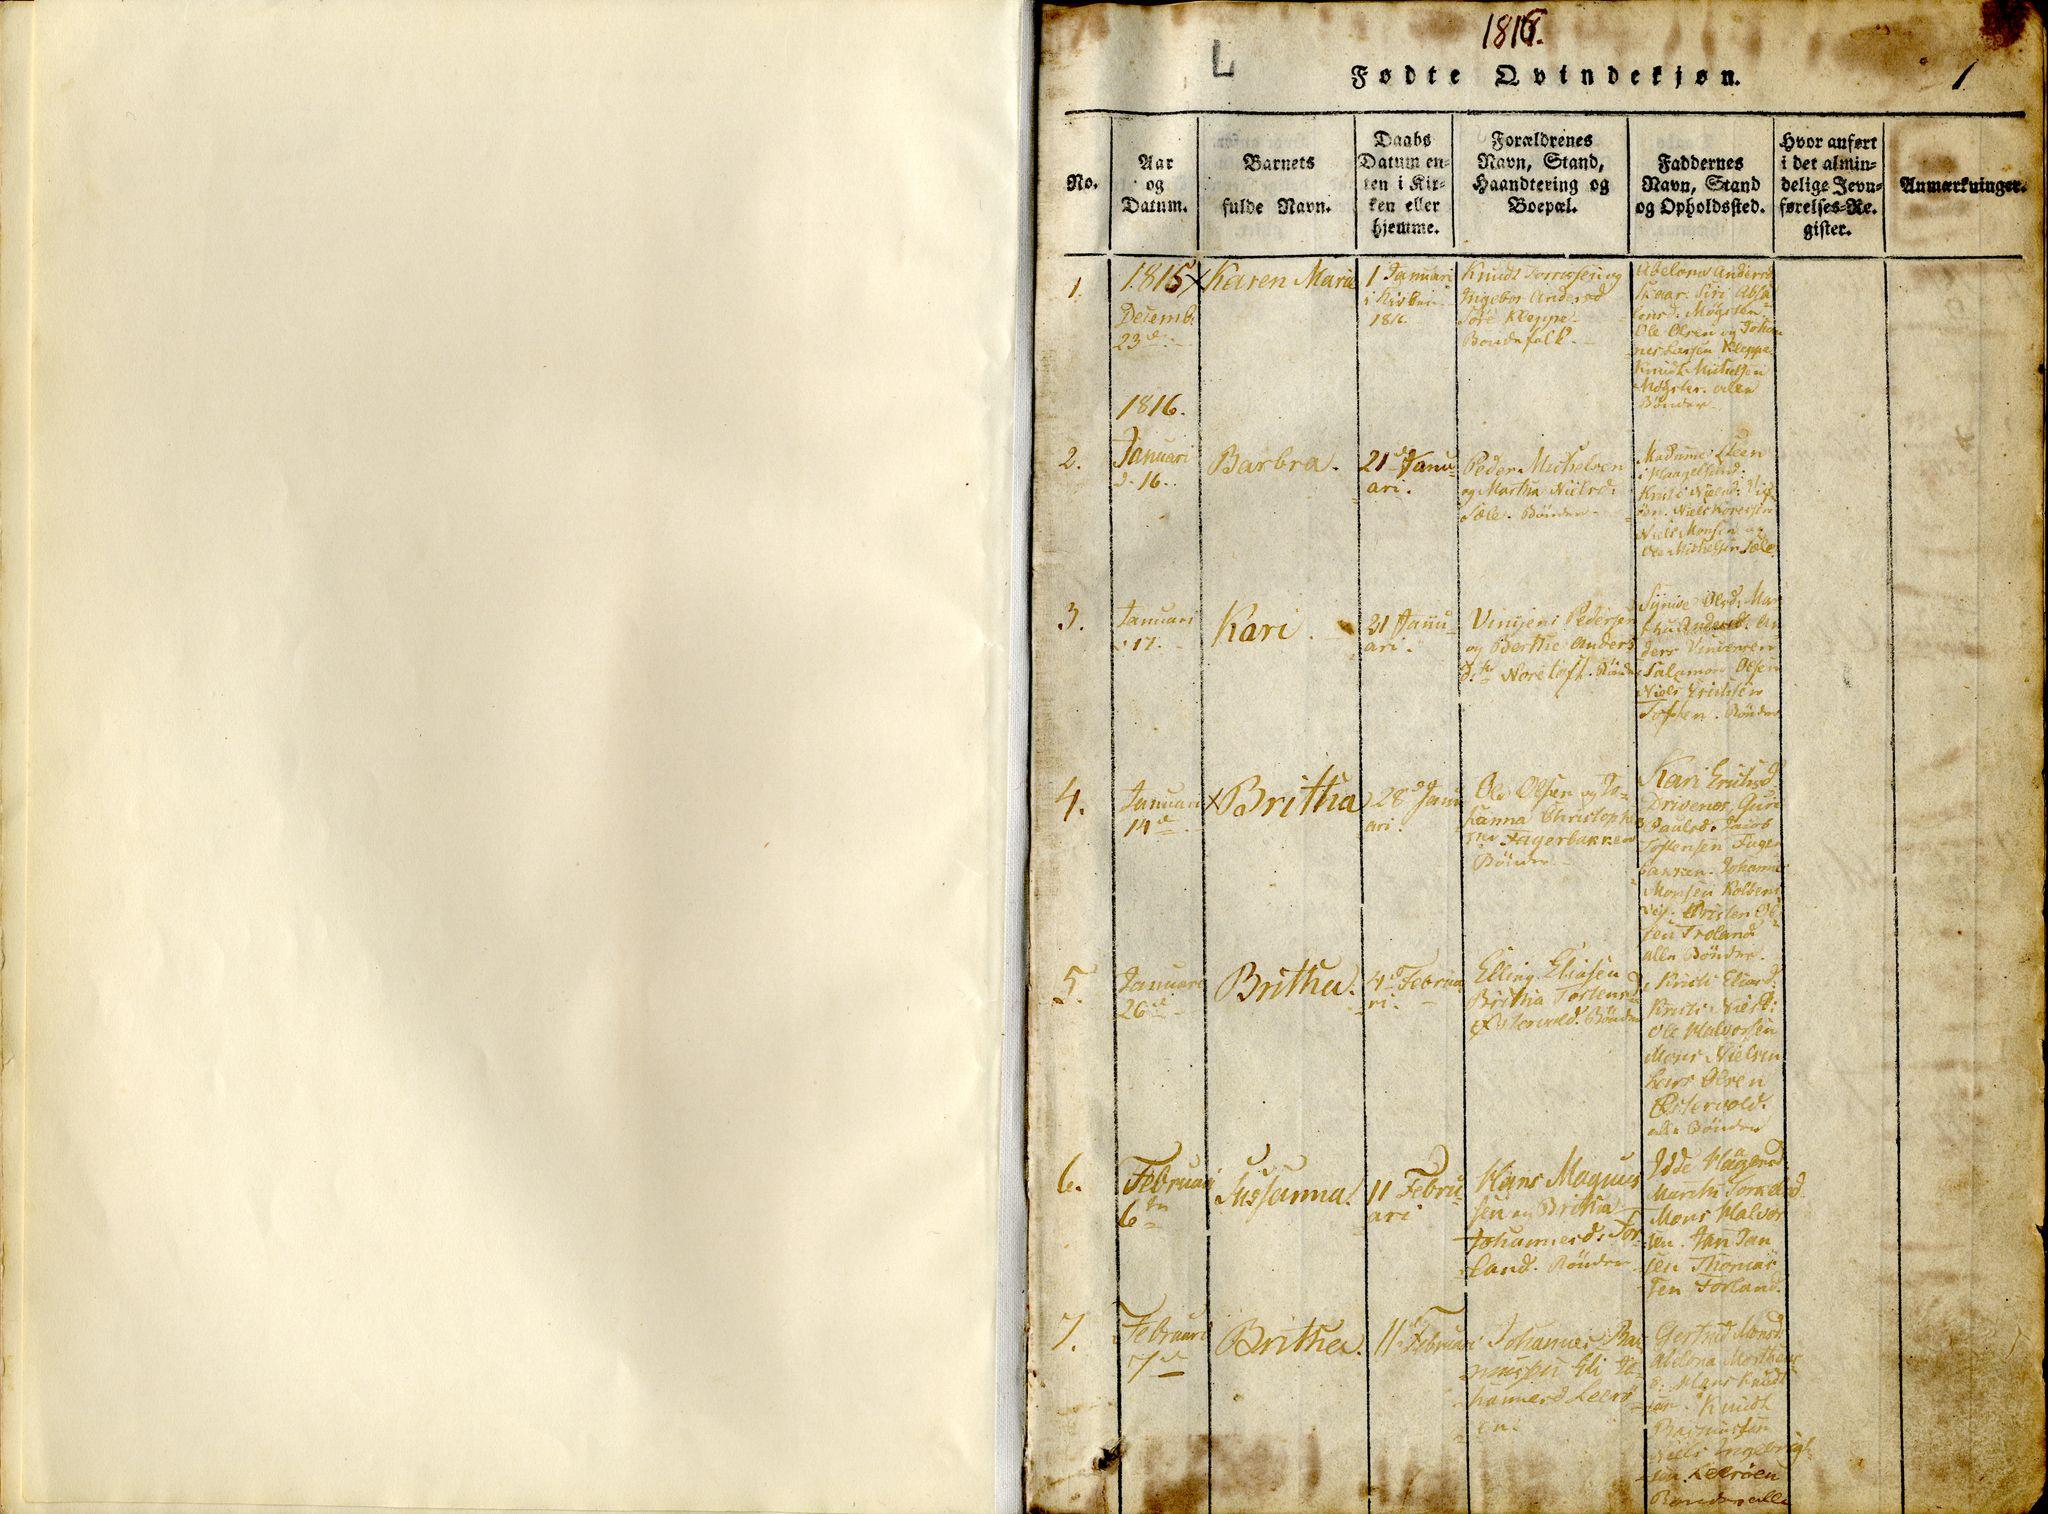 SAB, Sund sokneprestembete, Ministerialbok nr. A 11, 1814-1825, s. 1